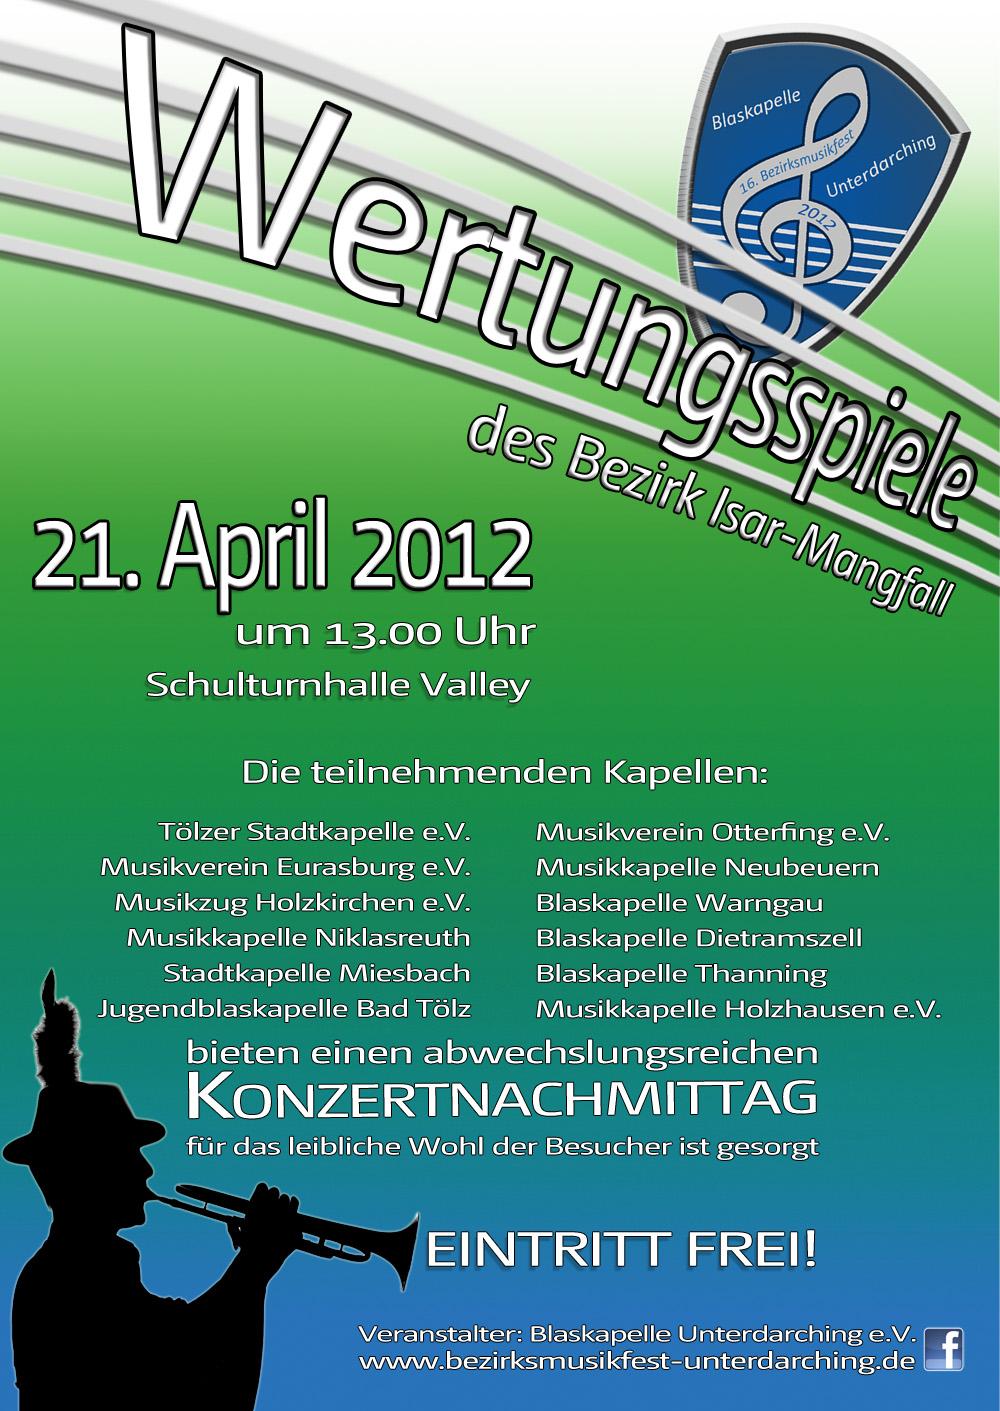 Wertungsspiele im Rahmen des 16. Bezirksmusikfestes Unterdarching 2012